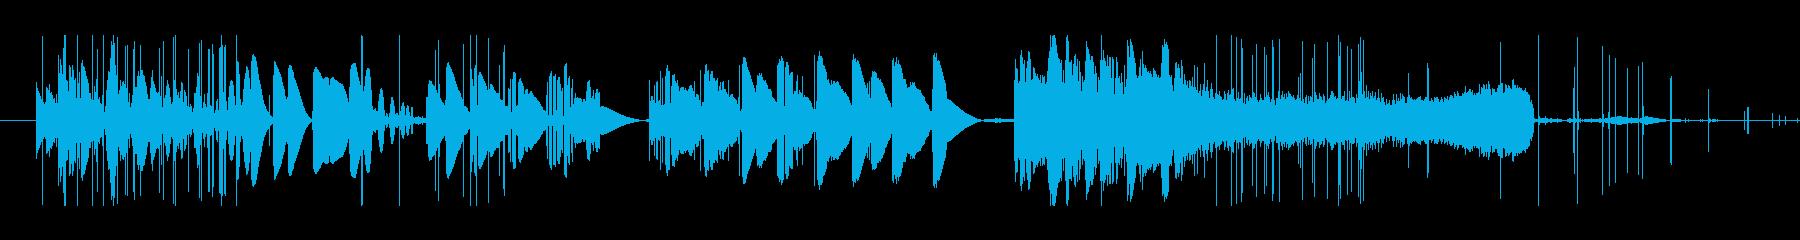 研削スクラッチの再生済みの波形